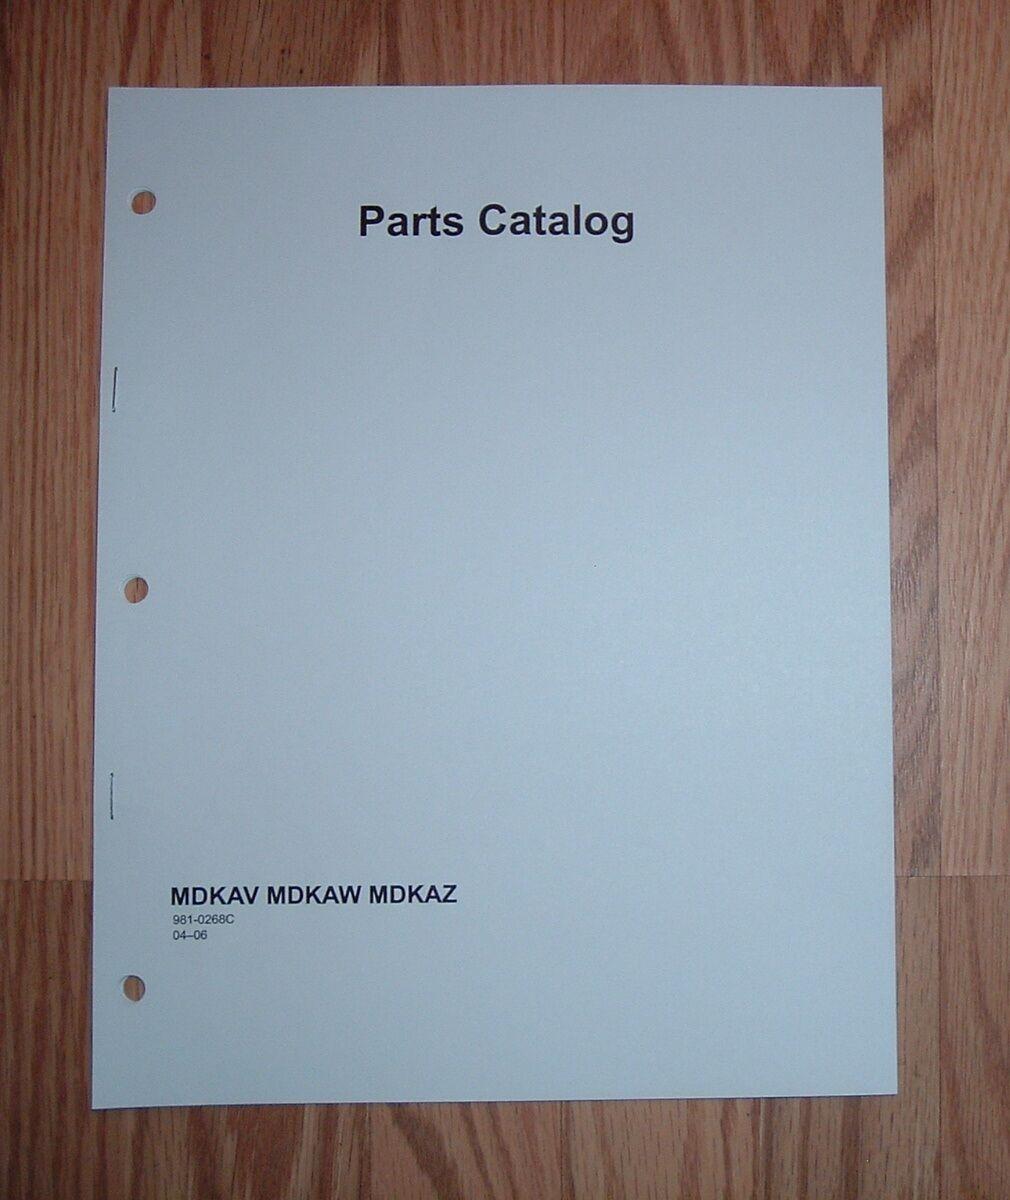 onan mdkav specs marine genset illustrated parts catalog manual 981 rh ebay com Onan Engines Manuals onan mdkaw service manual